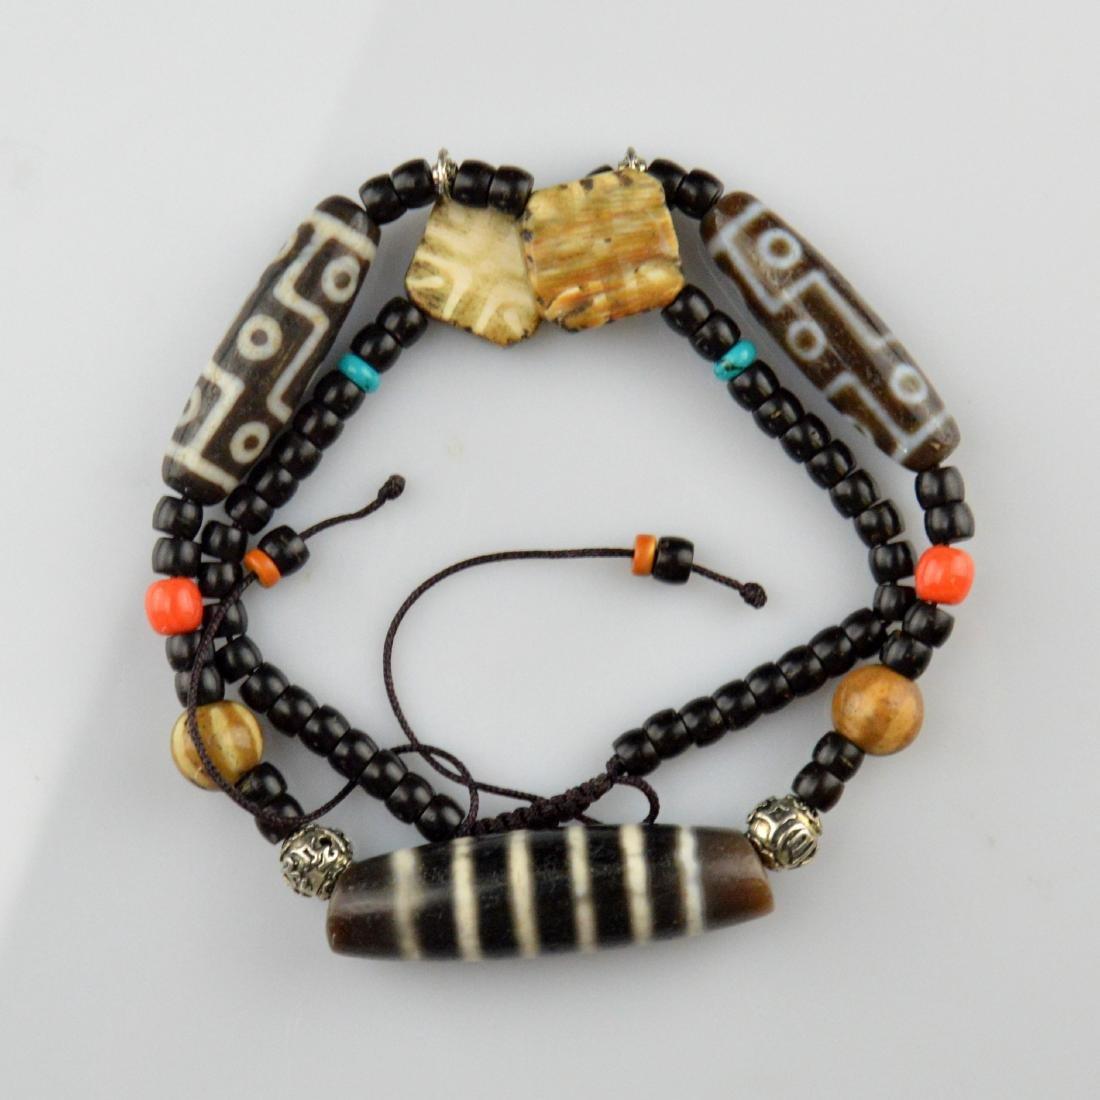 Old Nine Eyed & Striped Dzi Bead Necklace